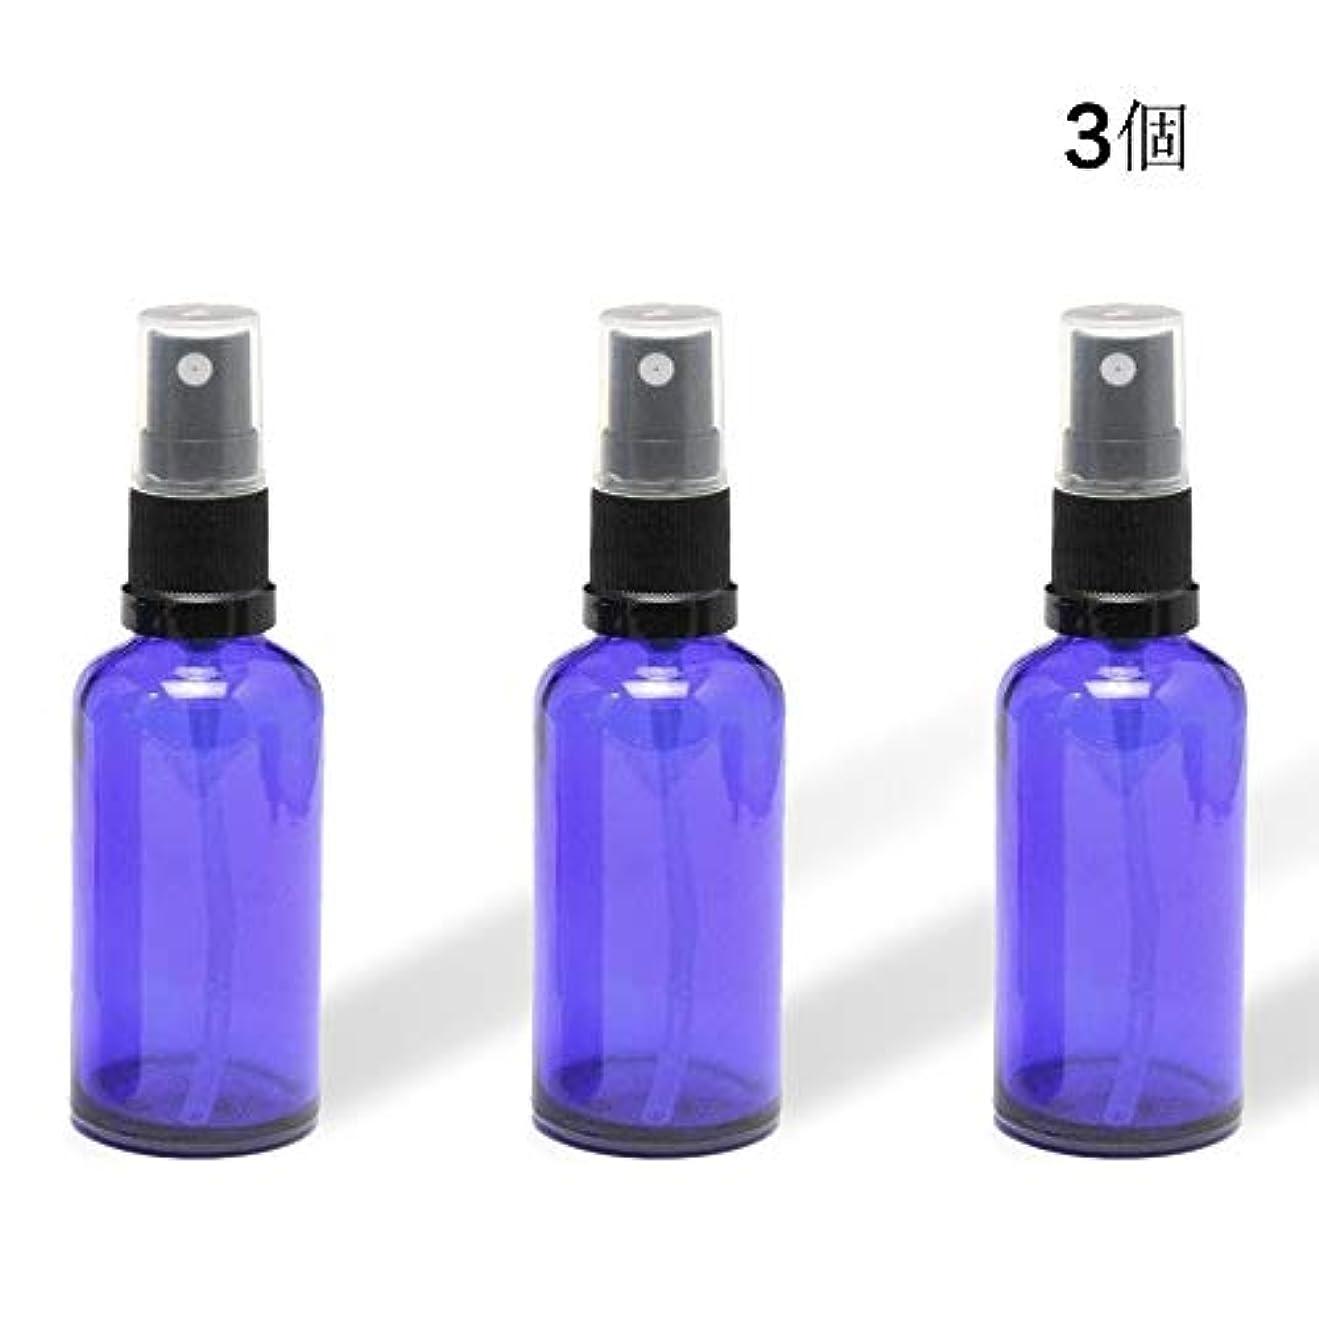 違法受け継ぐ流体遮光瓶/スプレーボトル (アトマイザー) 50ml ブルー/ブラックヘッド 3本セット